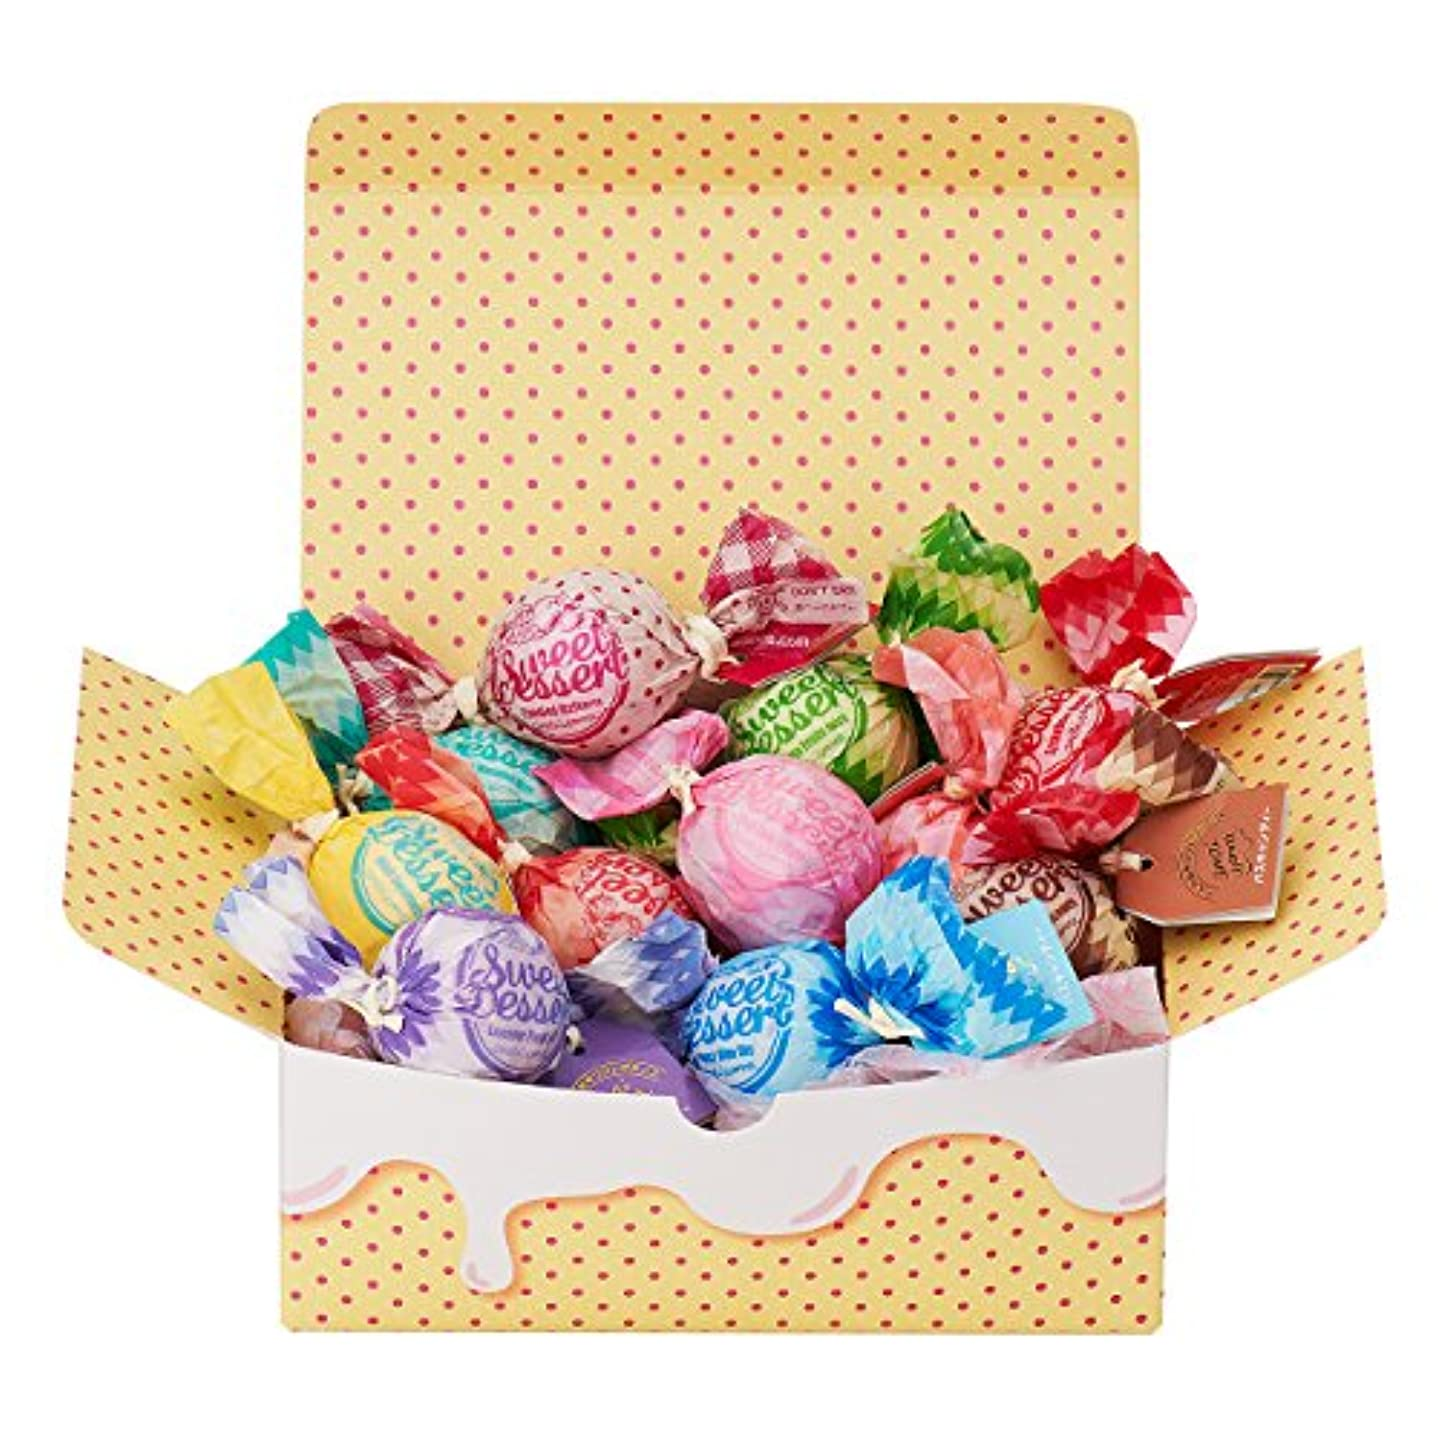 アクション他の場所正直アマイワナ 11粒のしあわせ(箱入りバスギフト キャンディー型入浴料×11個)